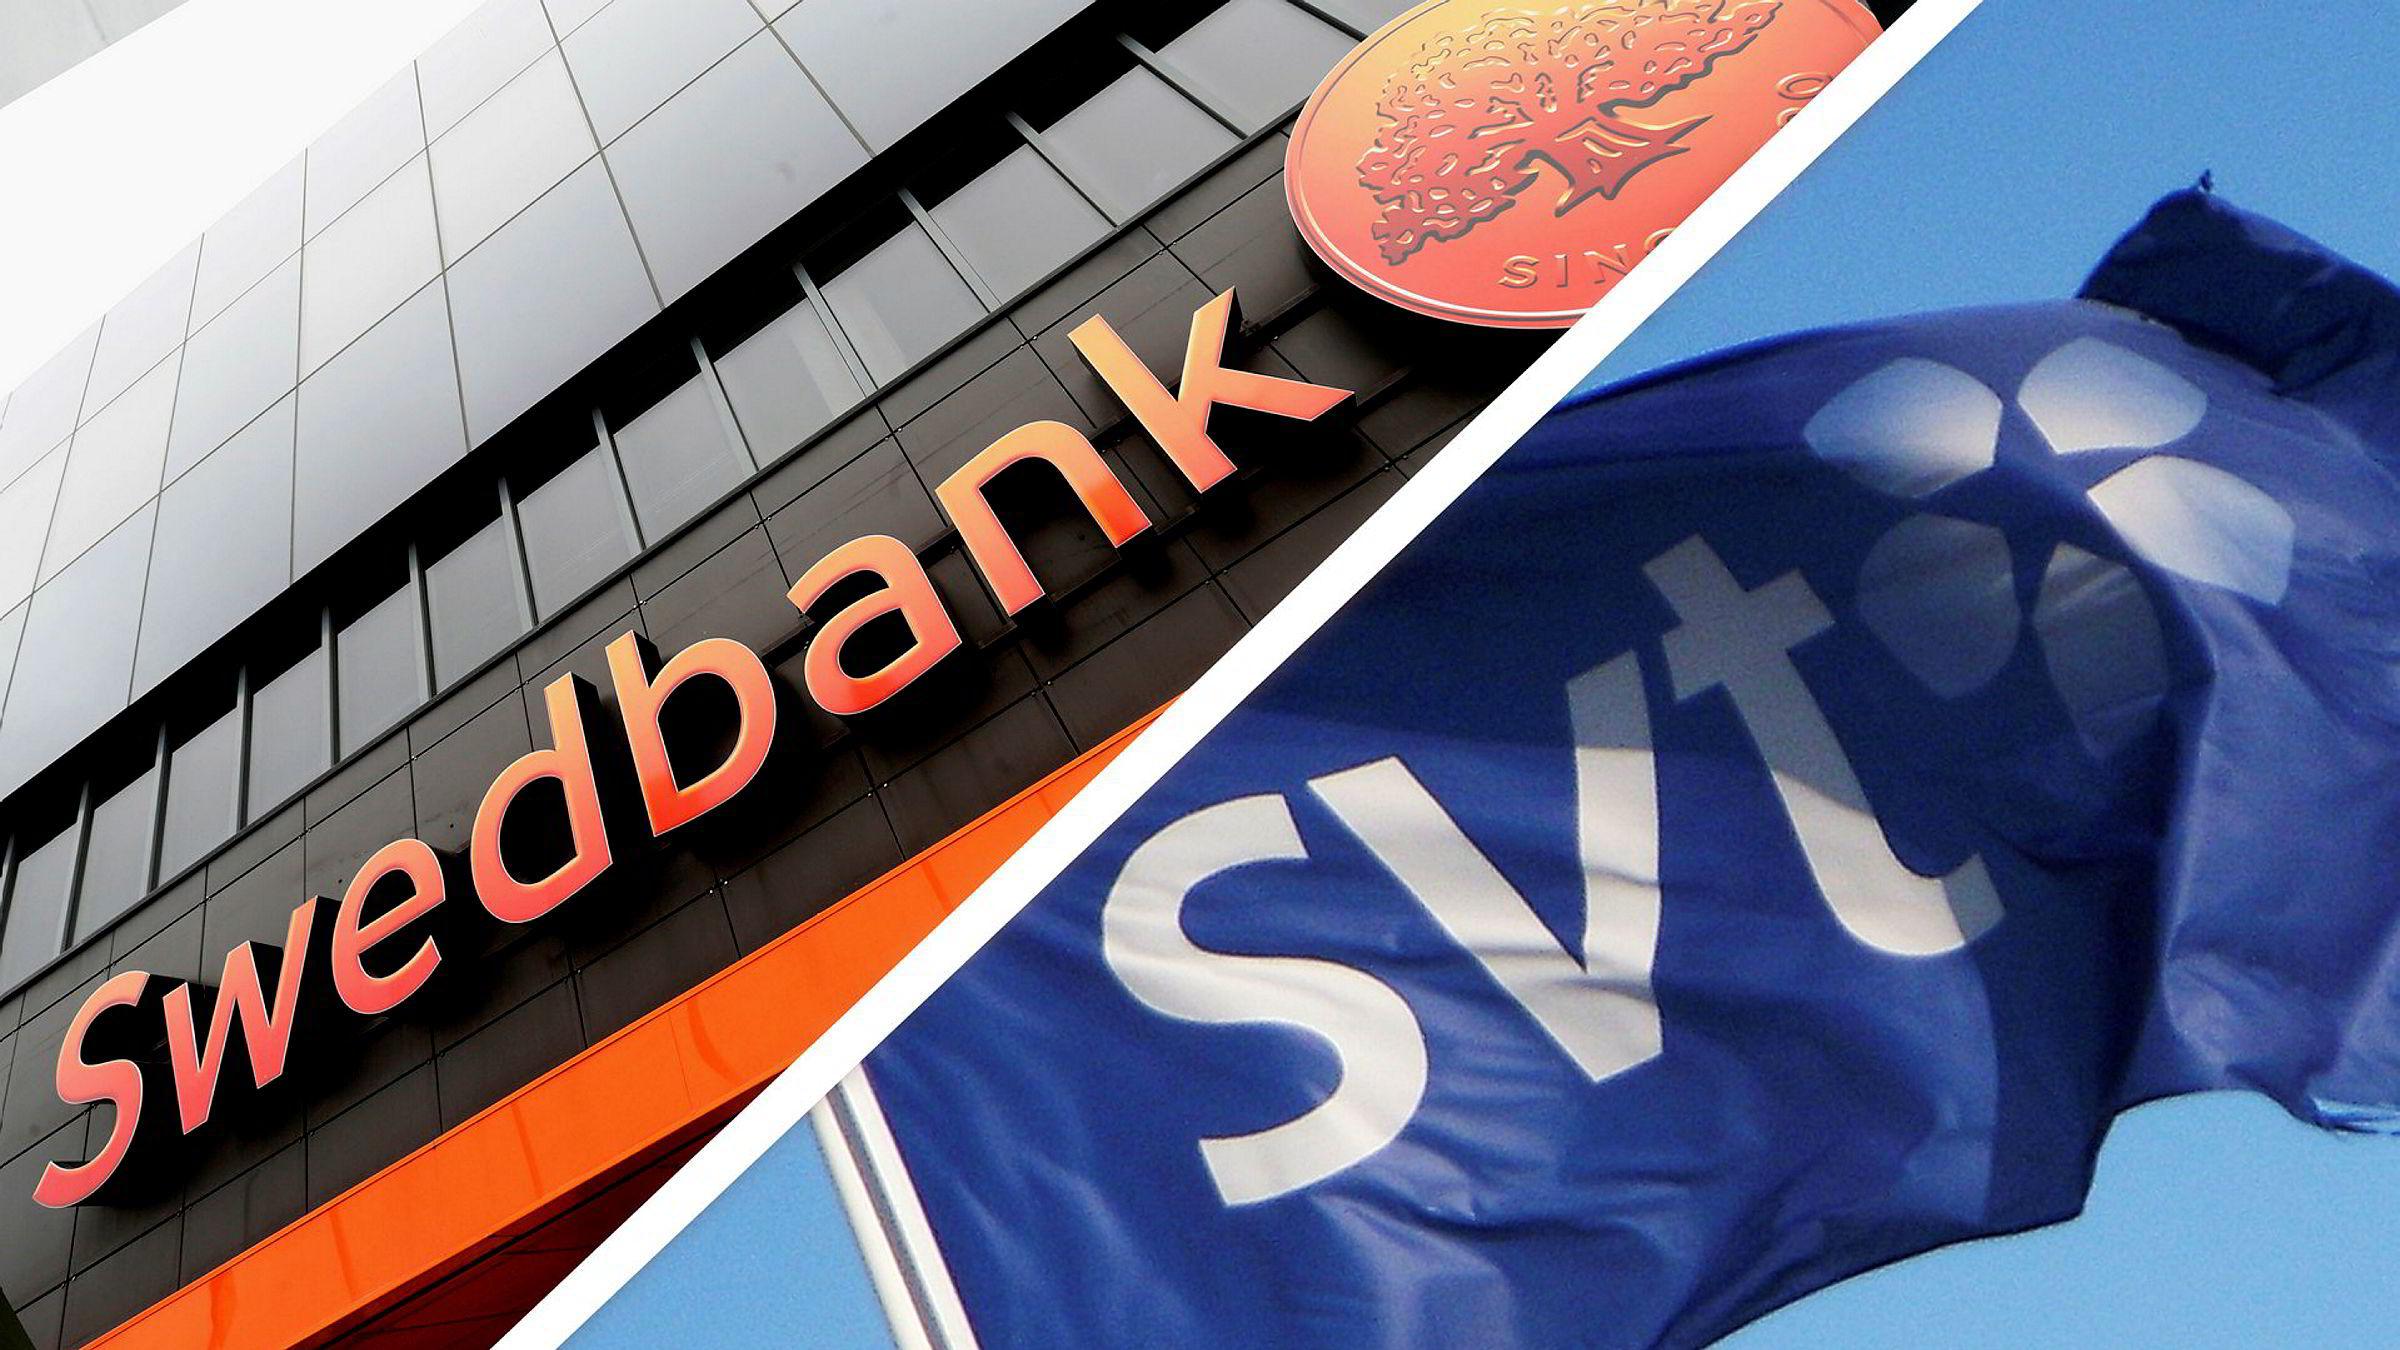 SVT-programmet Uppdrag Granskning skal sende avsløringer om Swedbank onsdag morgen.